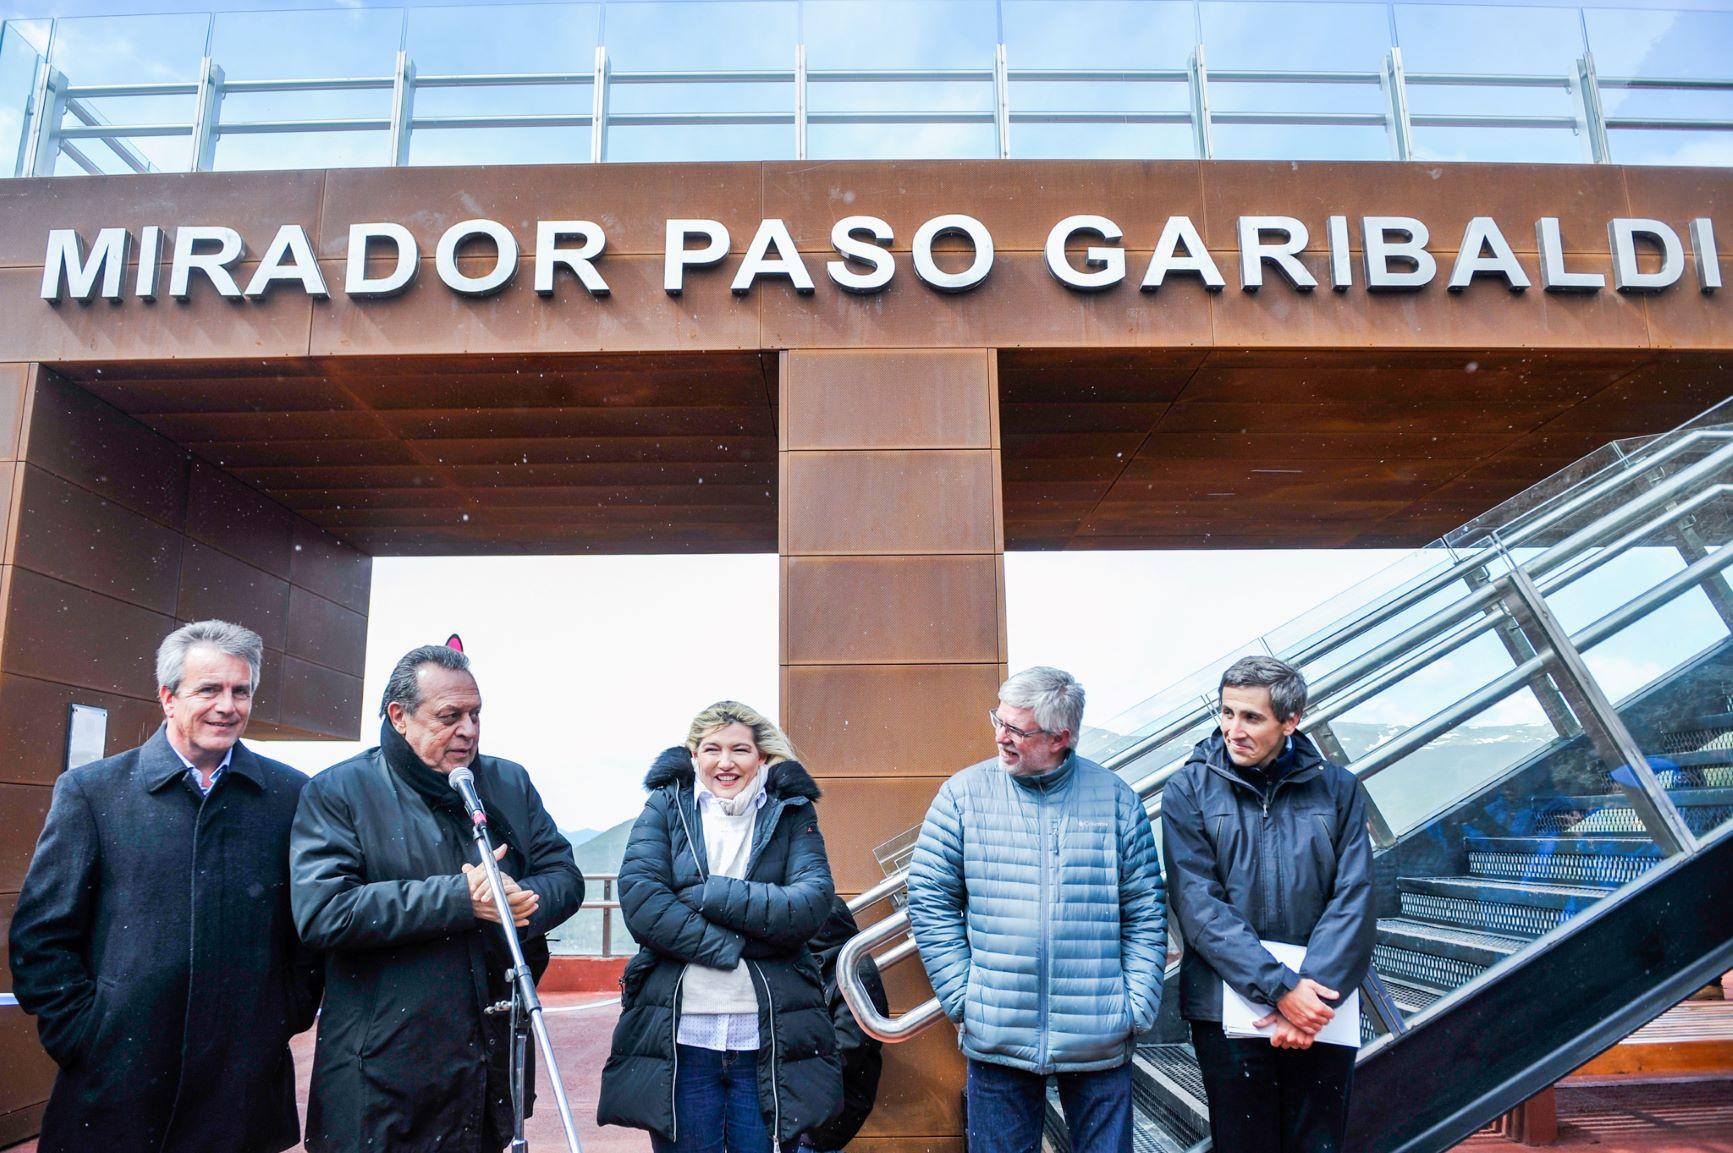 Bertone y Santos inauguraron el nuevo Mirador de Paso Garibaldi